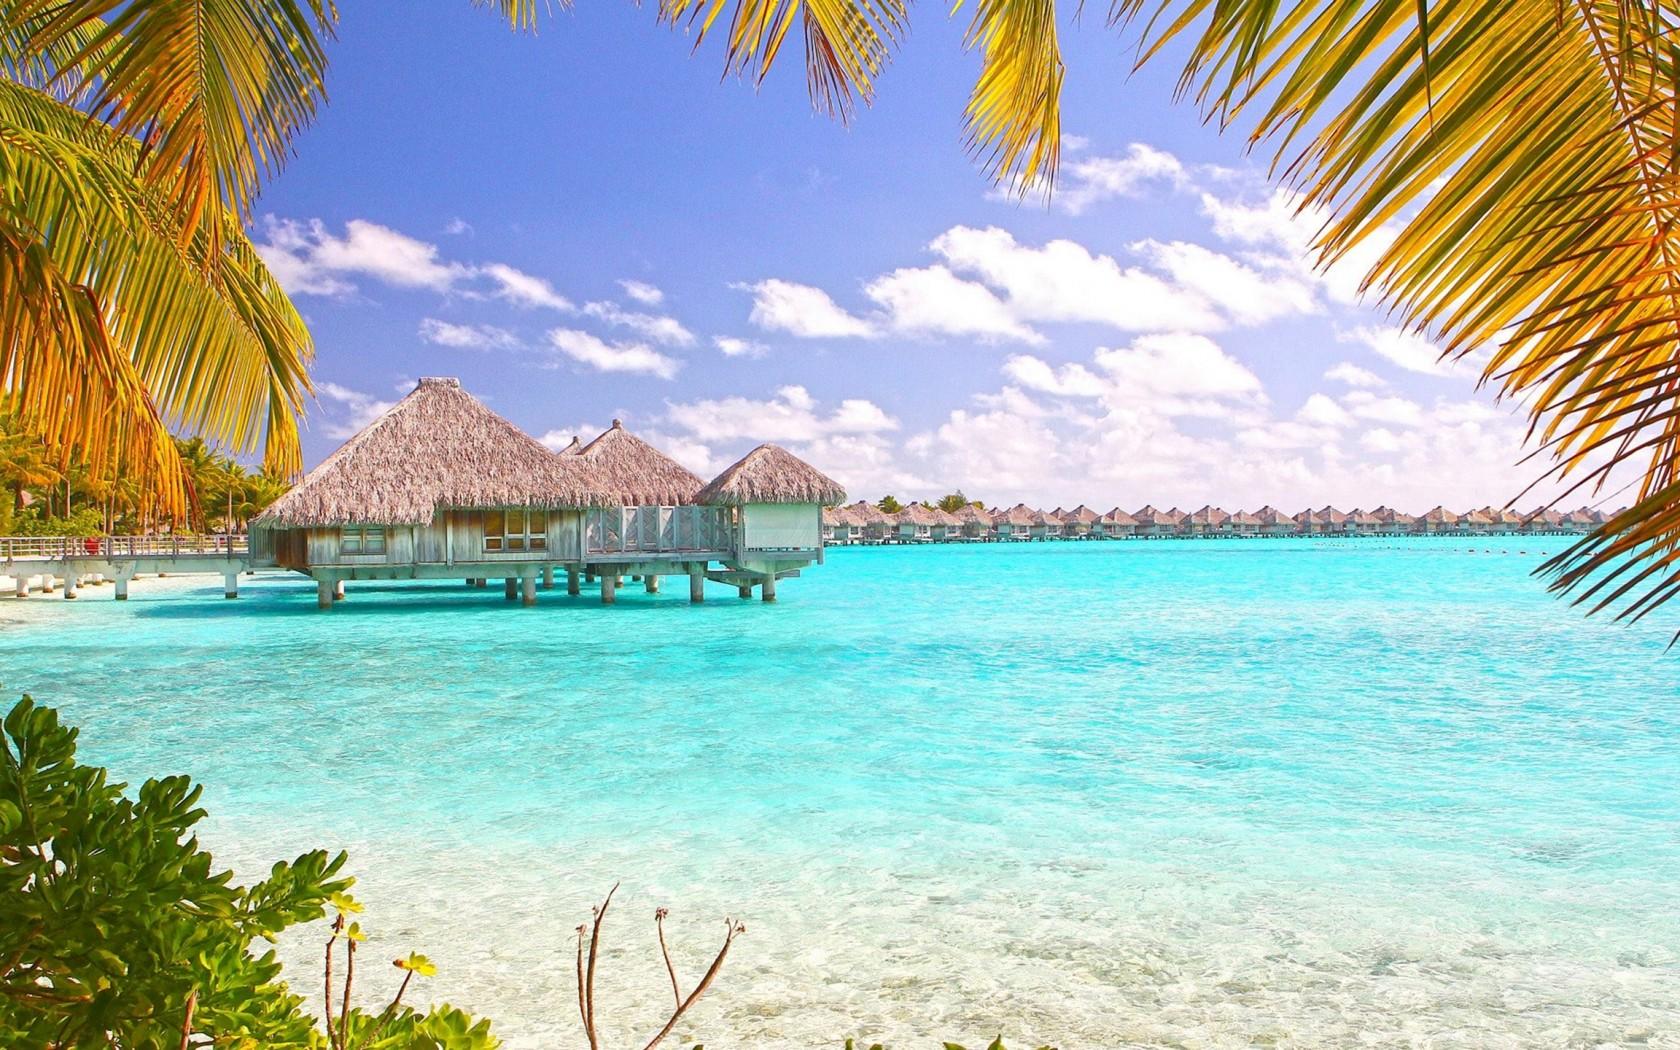 Tropical Beach Bora Bora Polynesia Desktop Wallpaper 1680x1050